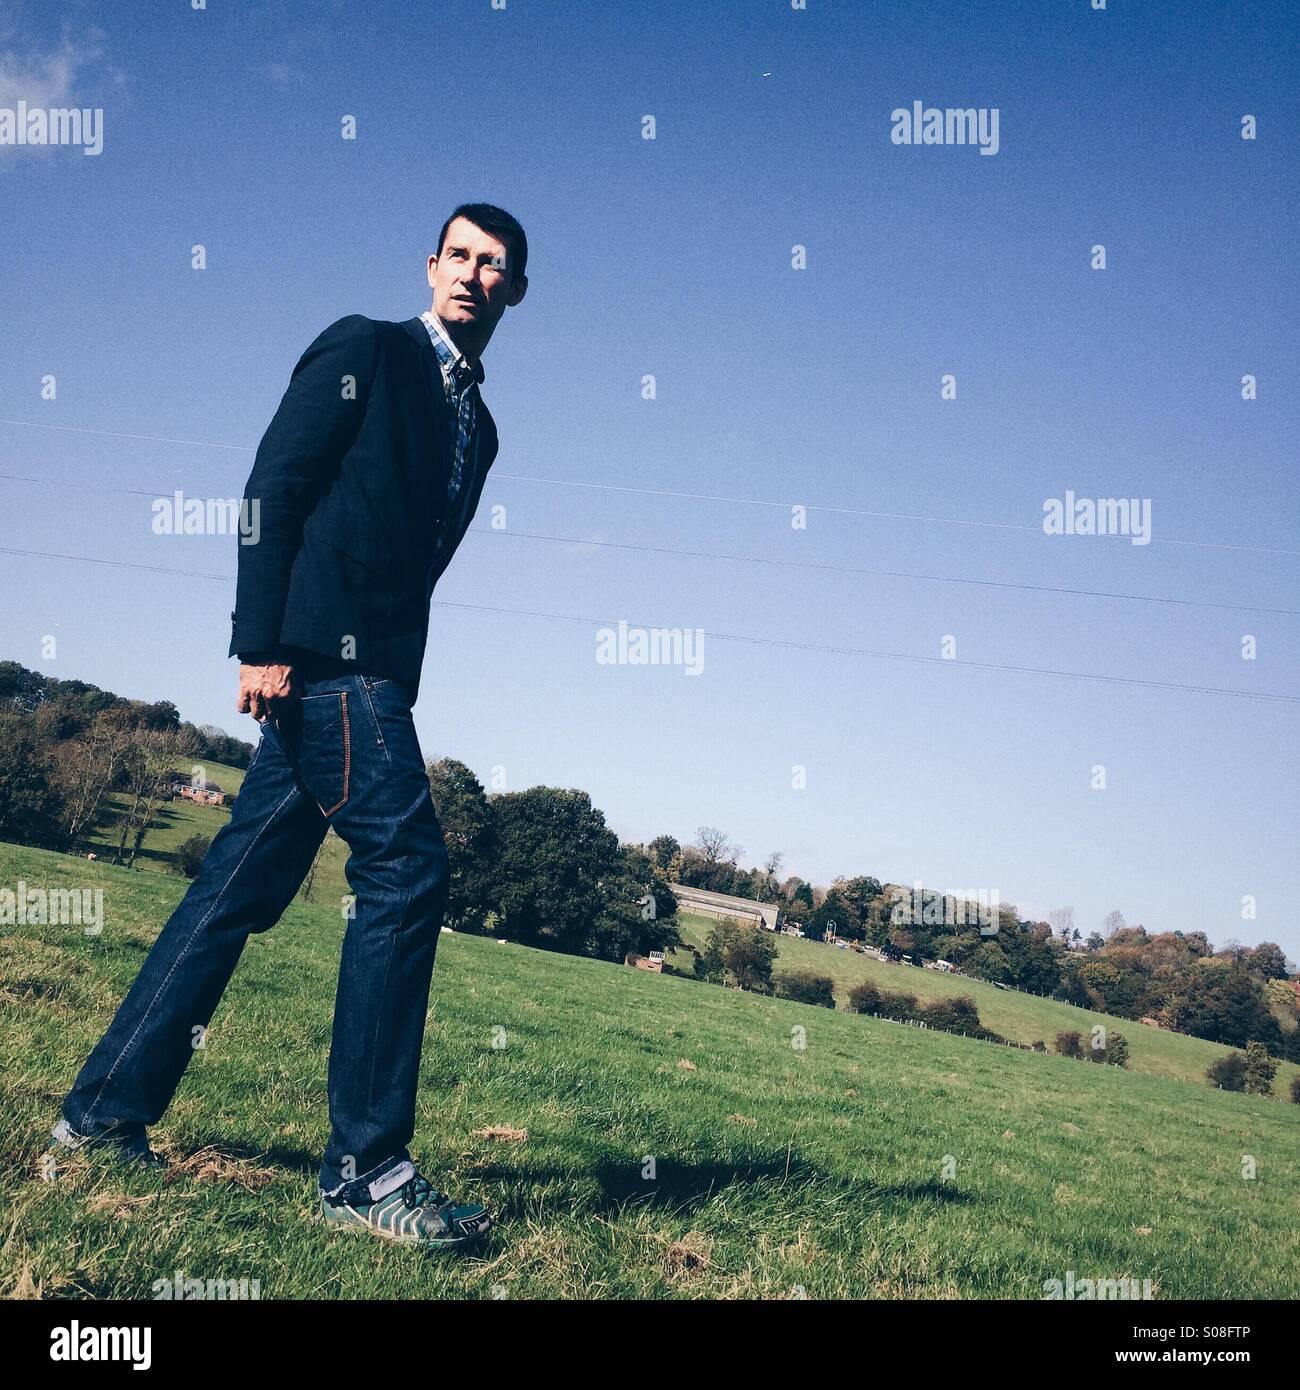 Uomo che cammina in campagna, vestito casualmente in jeans e una giacca. Immagini Stock